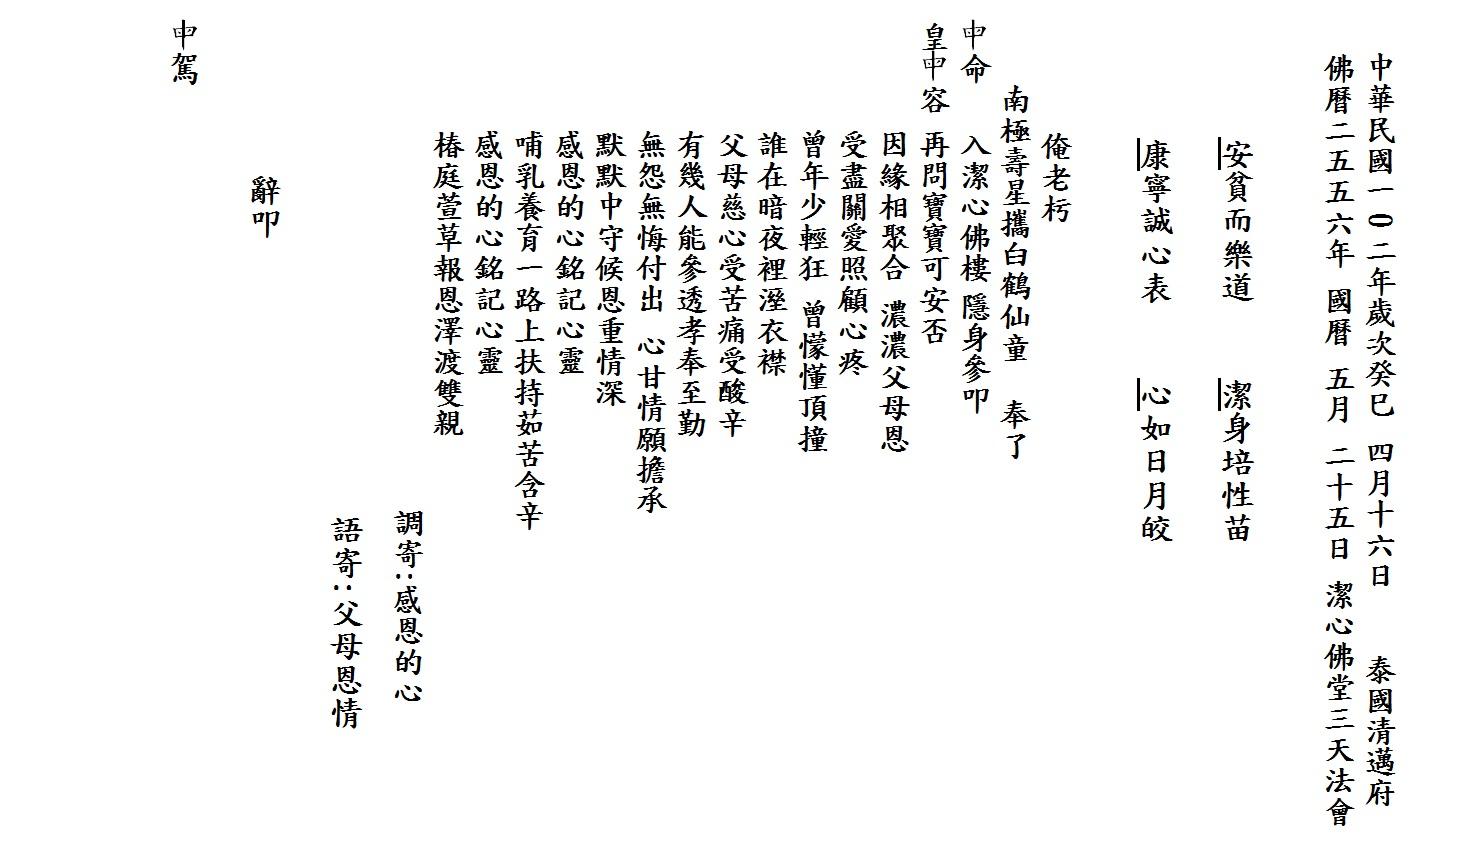 芳芳雅軒: 泰國清邁府 潔心佛堂三天法會 仙佛慈訓